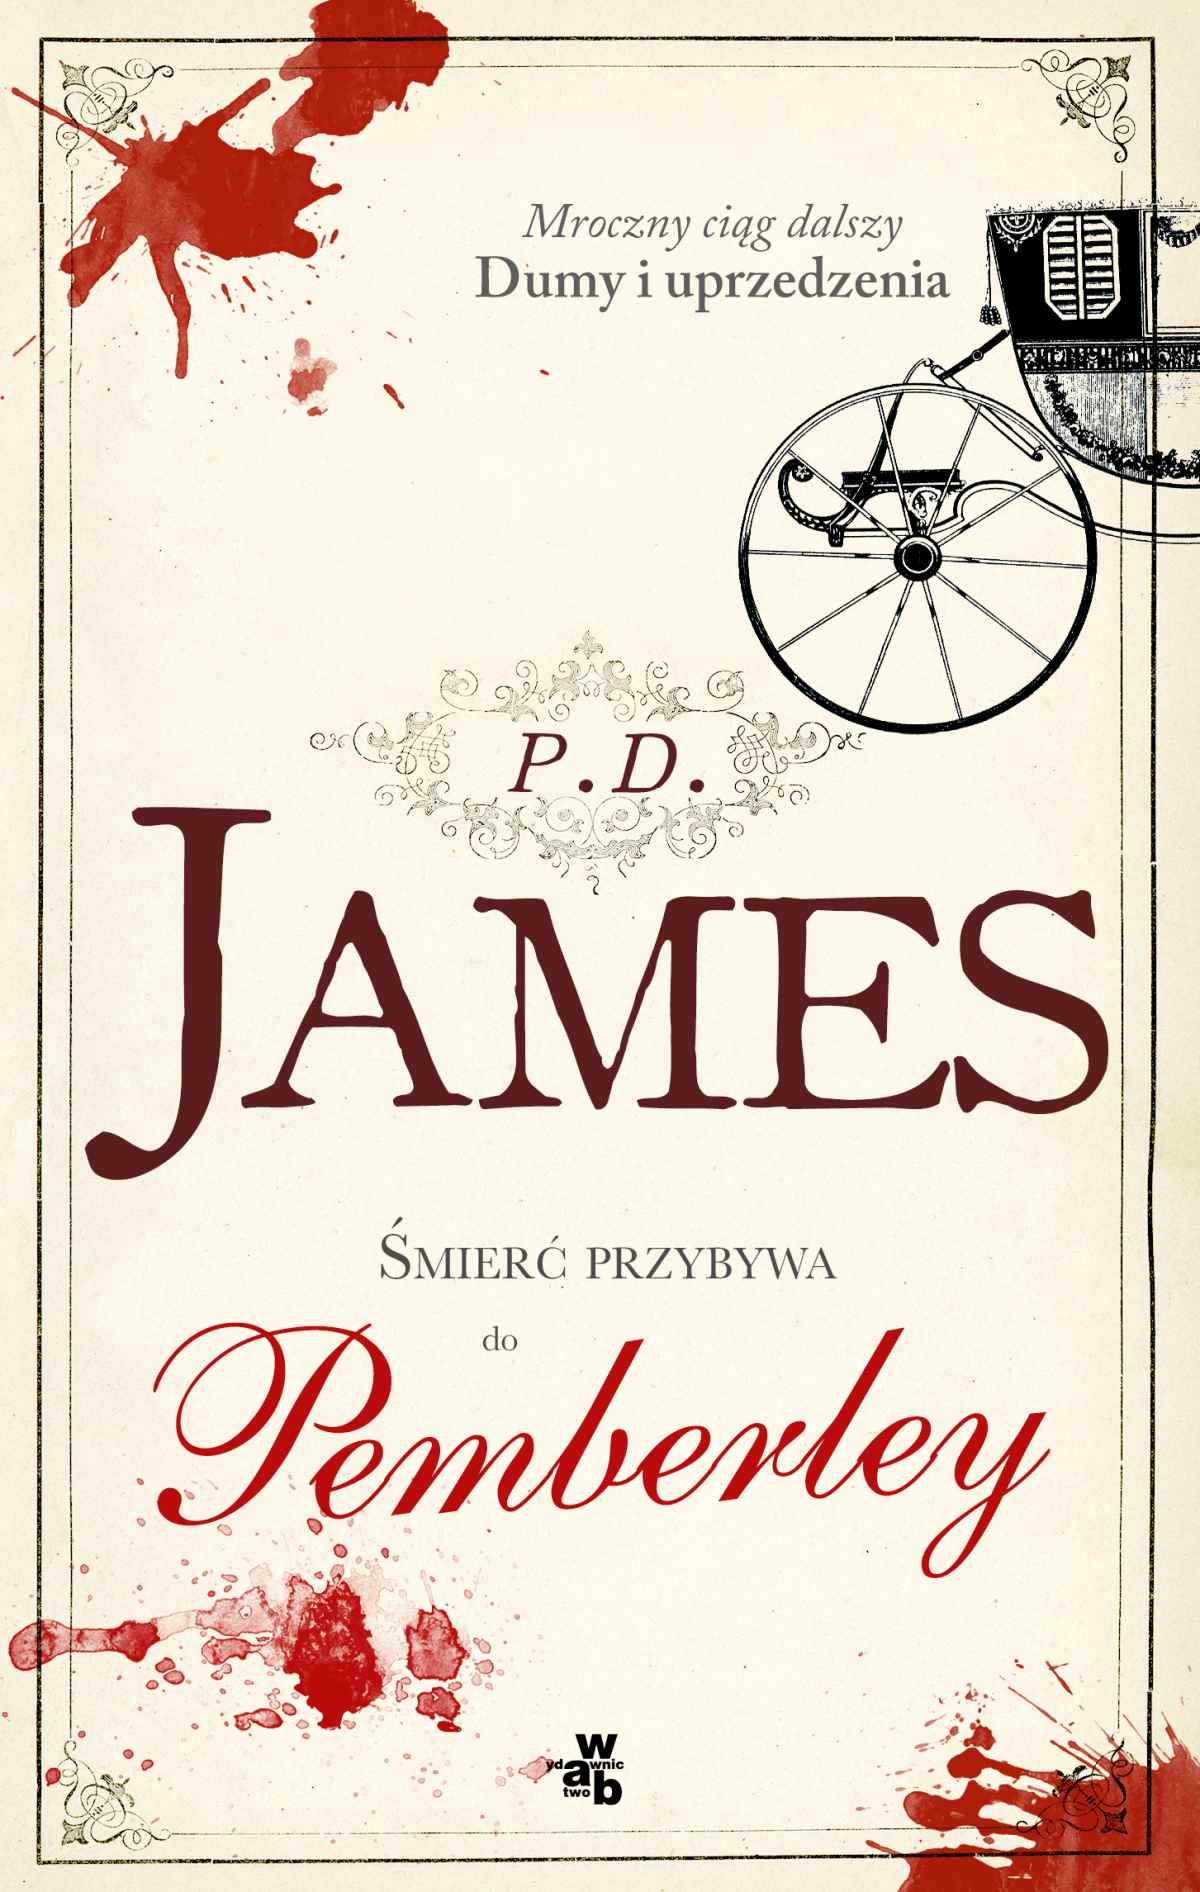 Śmierć przybywa do Pemberley - Ebook (Książka EPUB) do pobrania w formacie EPUB